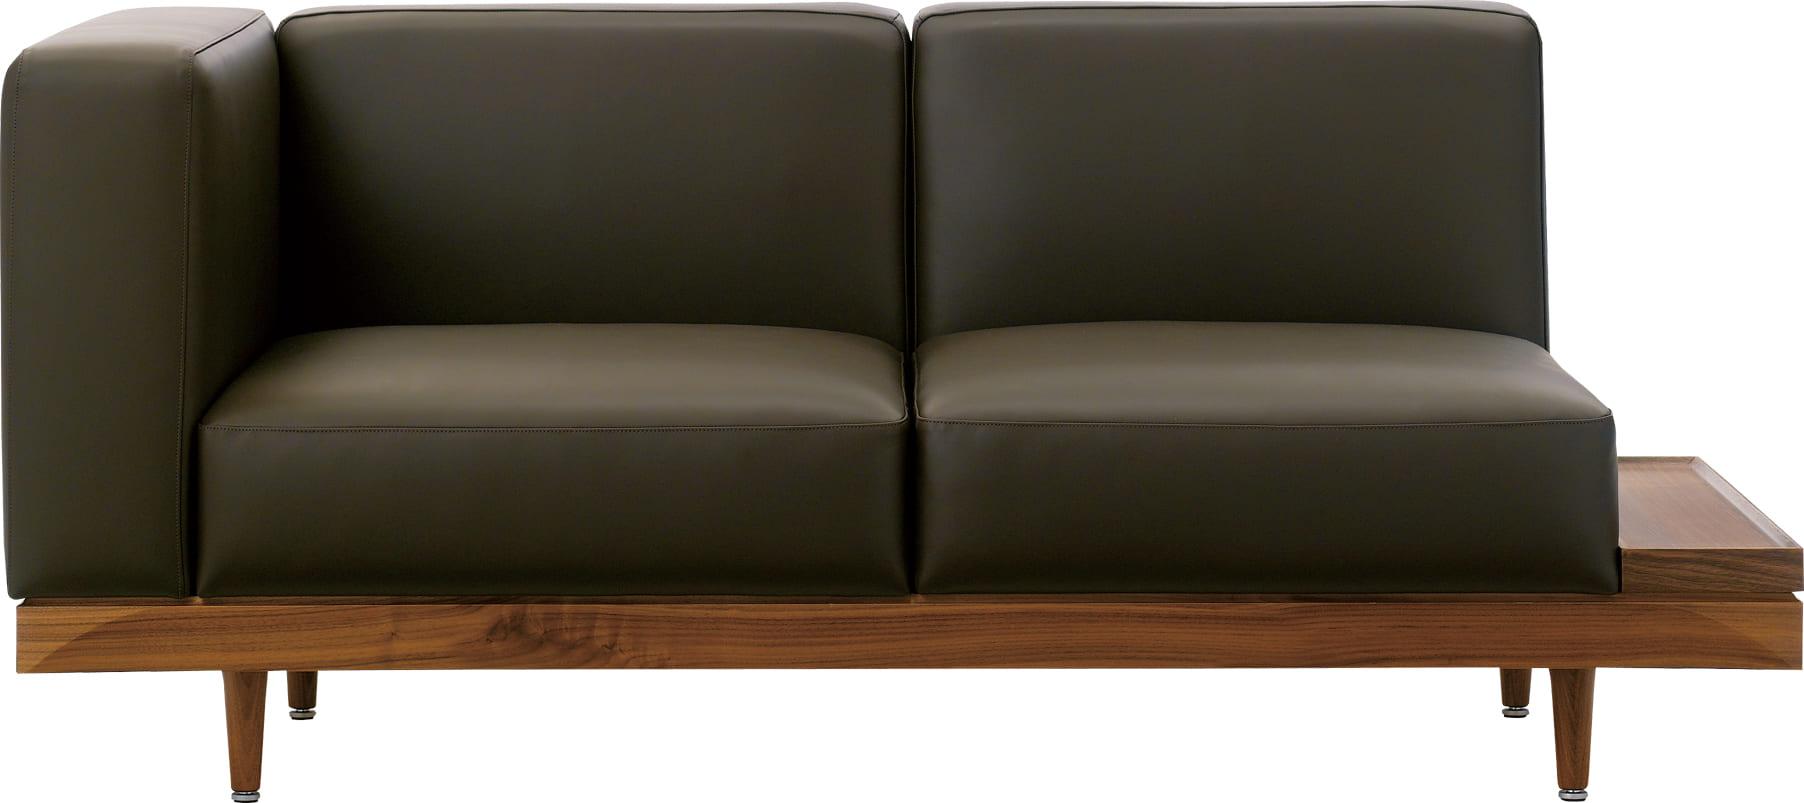 クティ Kouti 二人掛け 二人がけ 2人掛け 2人がけ 2人掛け 2人がけ 3人掛け アームあり ソファ スクエア 天然木 SD1